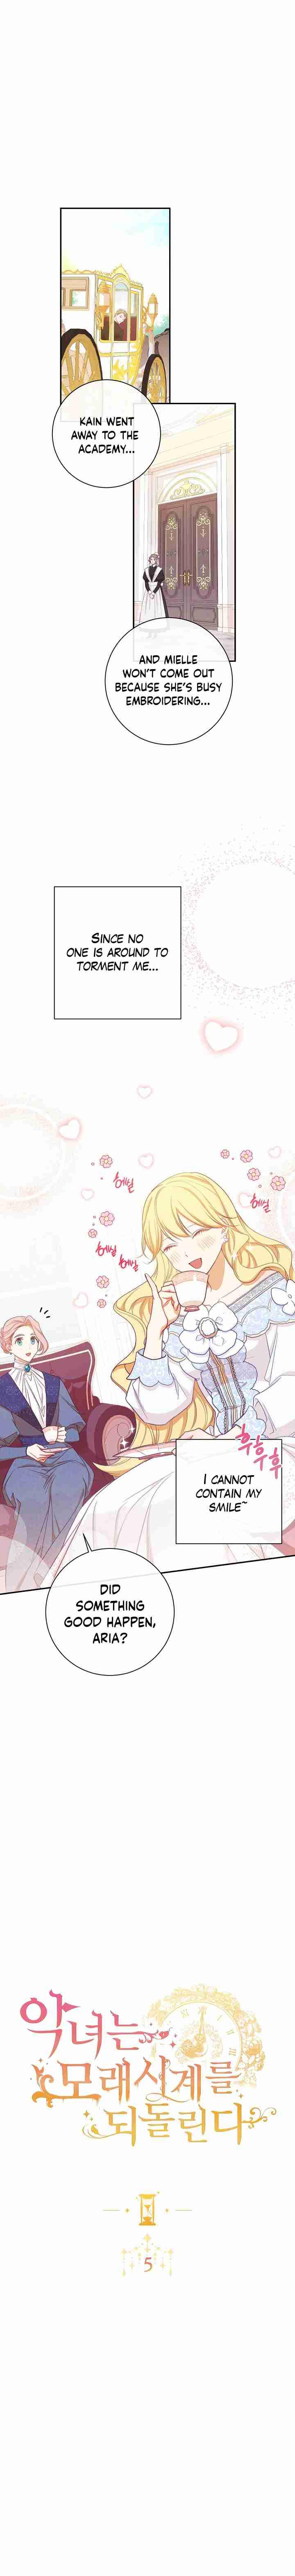 https://manga.mangadogs.com/comics/pic2/51/35315/1191960/028d0a7edbc0a88a9c0bfa5822d7b376.jpg Page 1